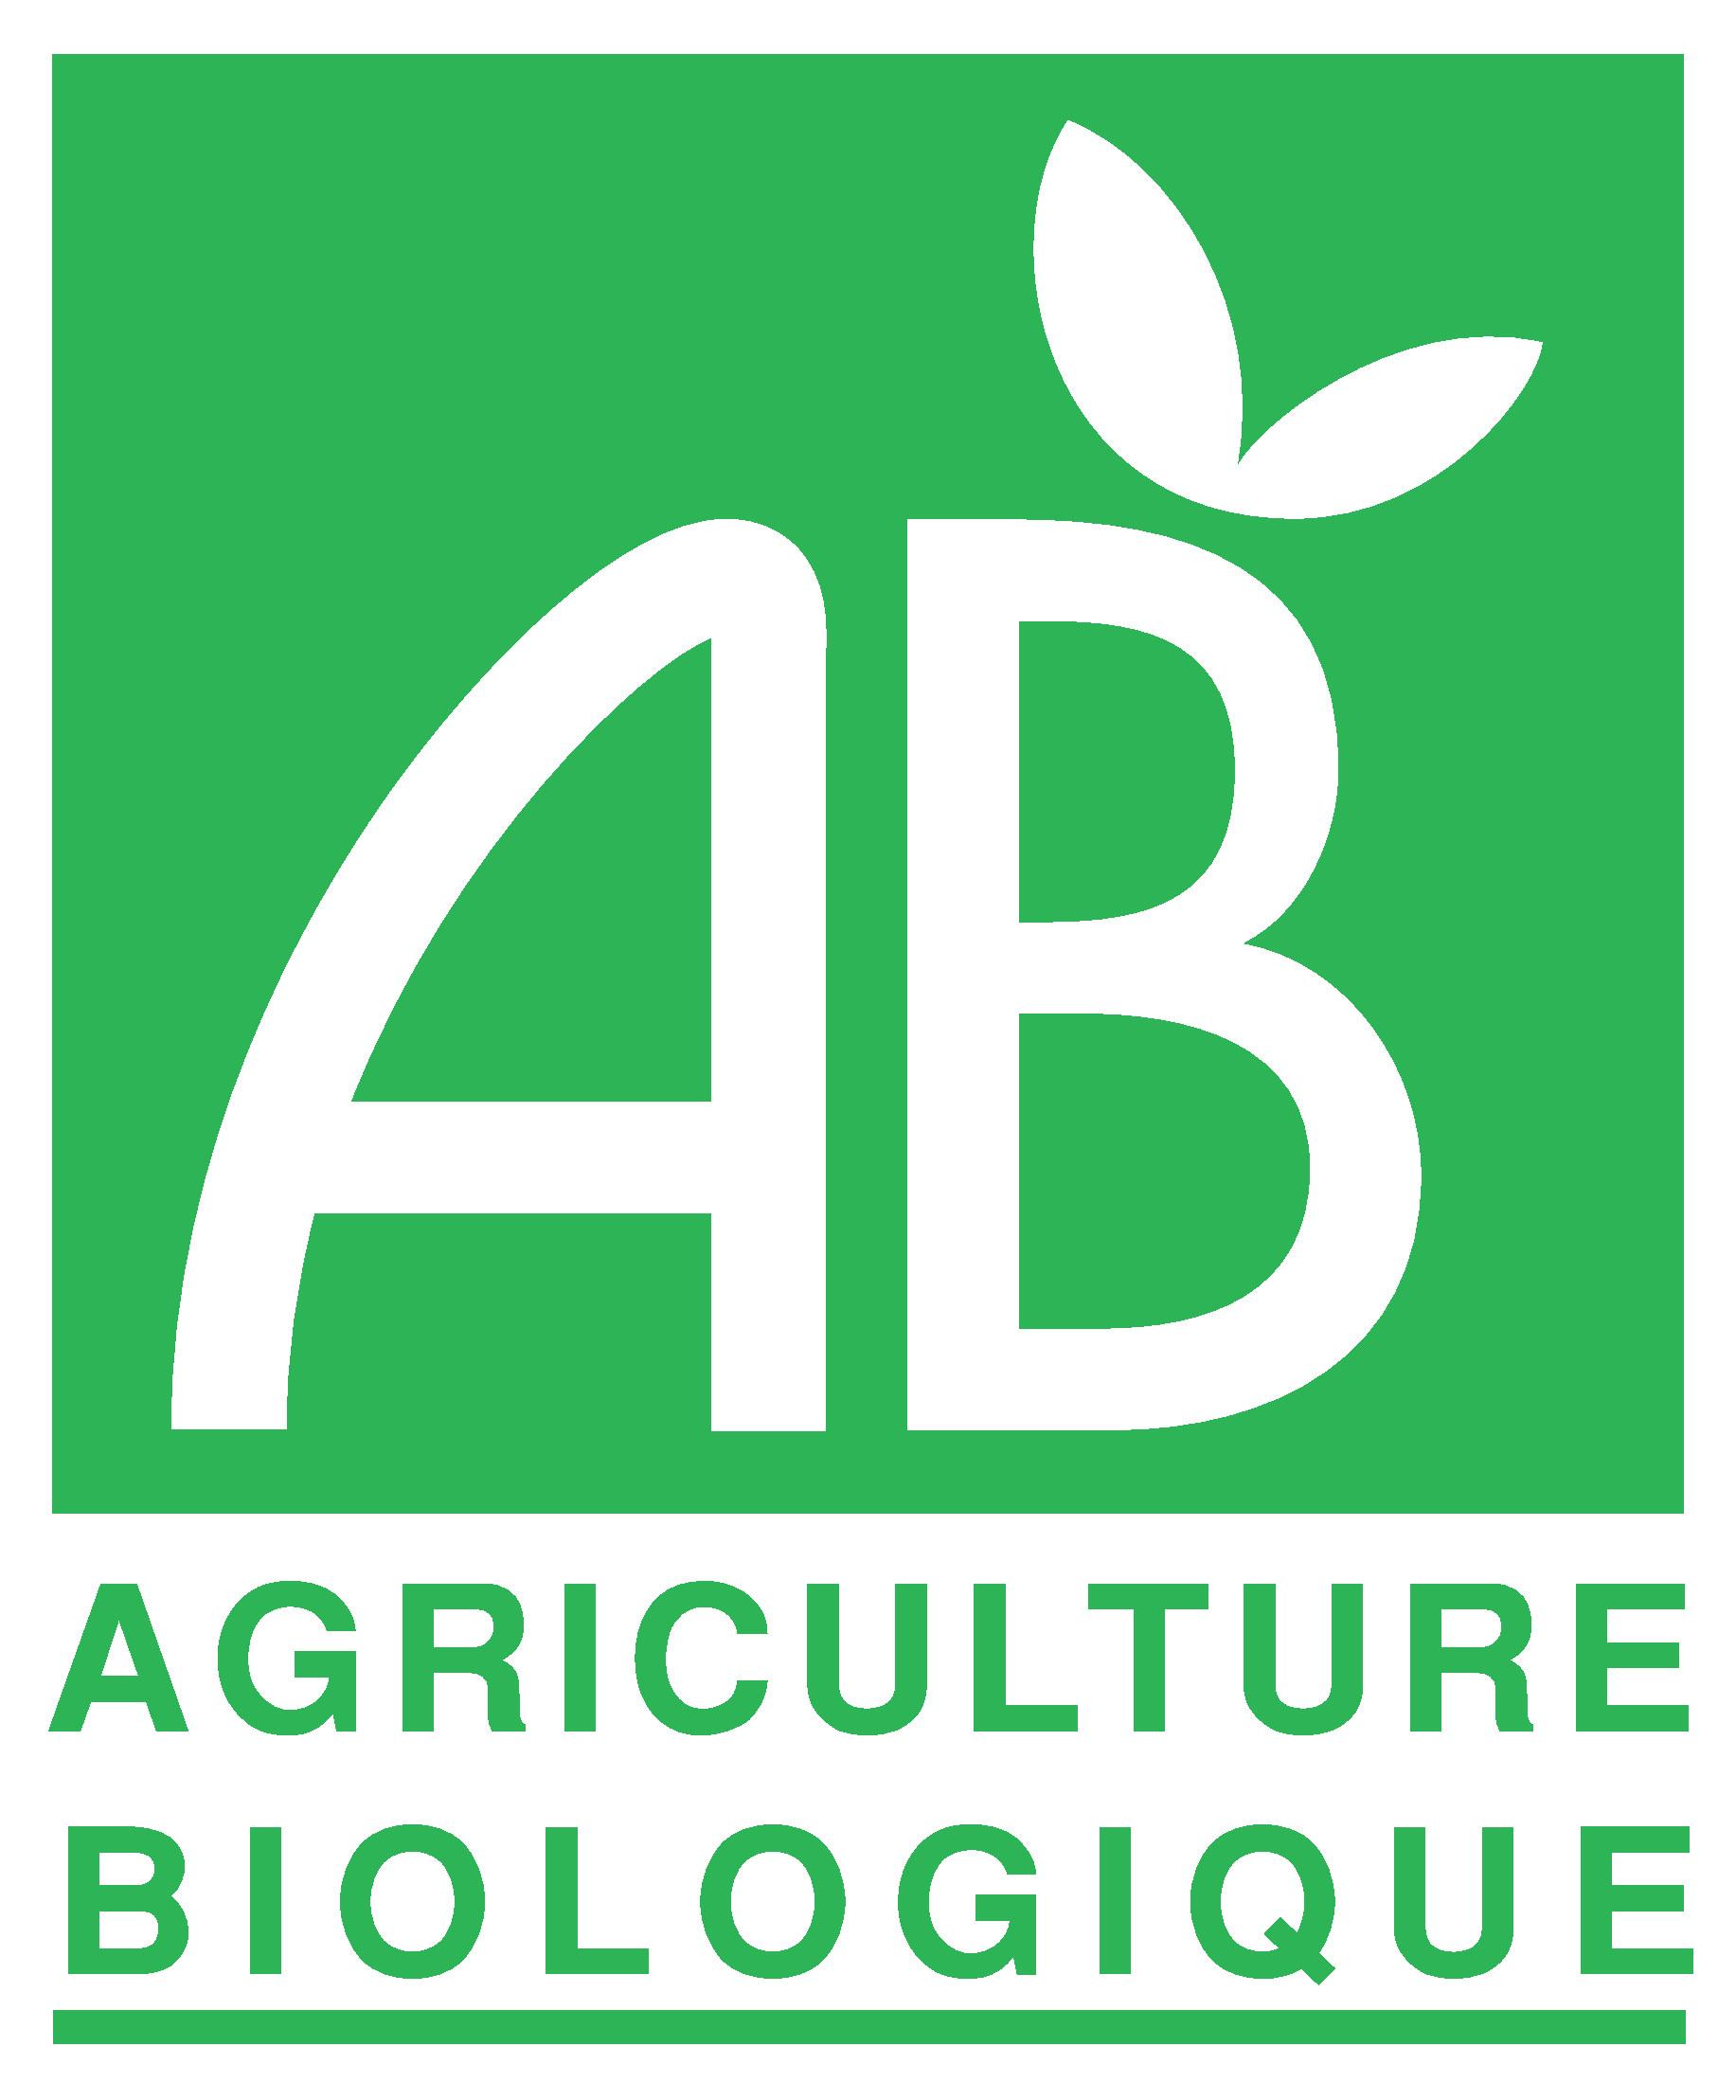 Chocolat agriculture Biologique